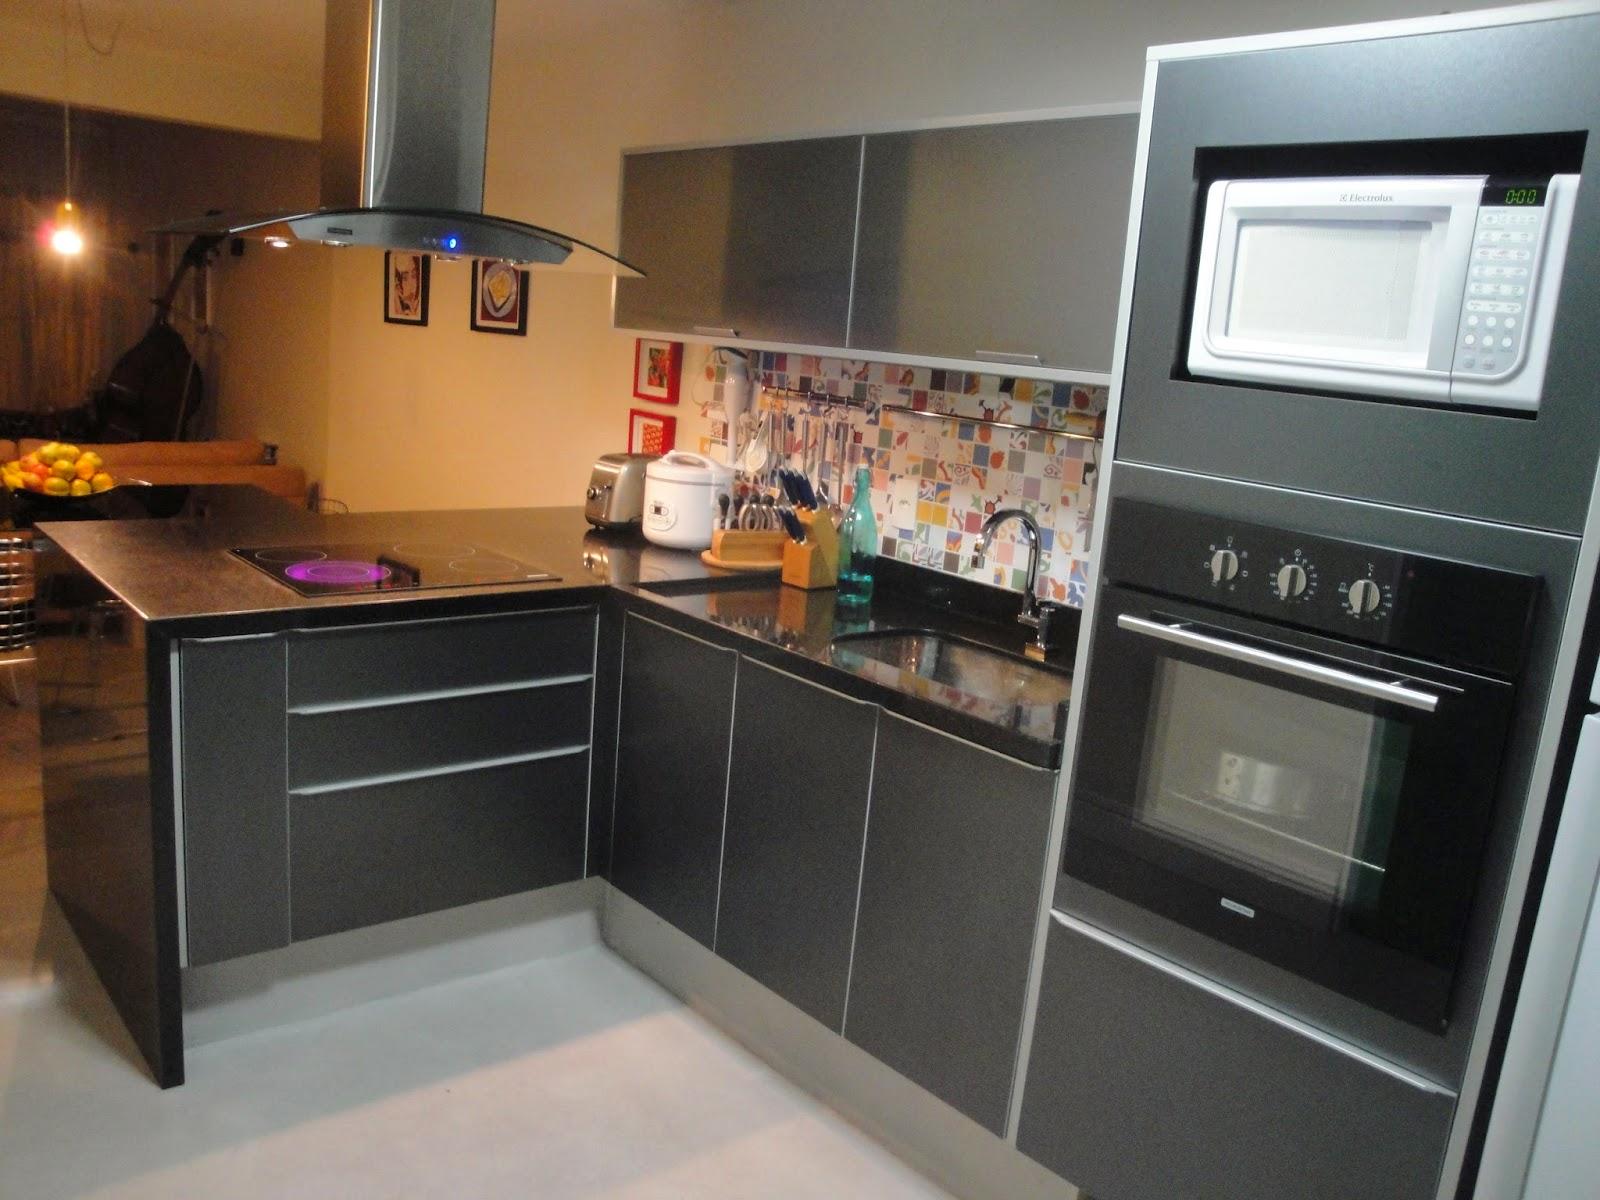 Cozinha Conceito Aberto Com Sala Fotos Cozinha Sala Cozinha  -> Fotos De Cozinha Conceito Aberto